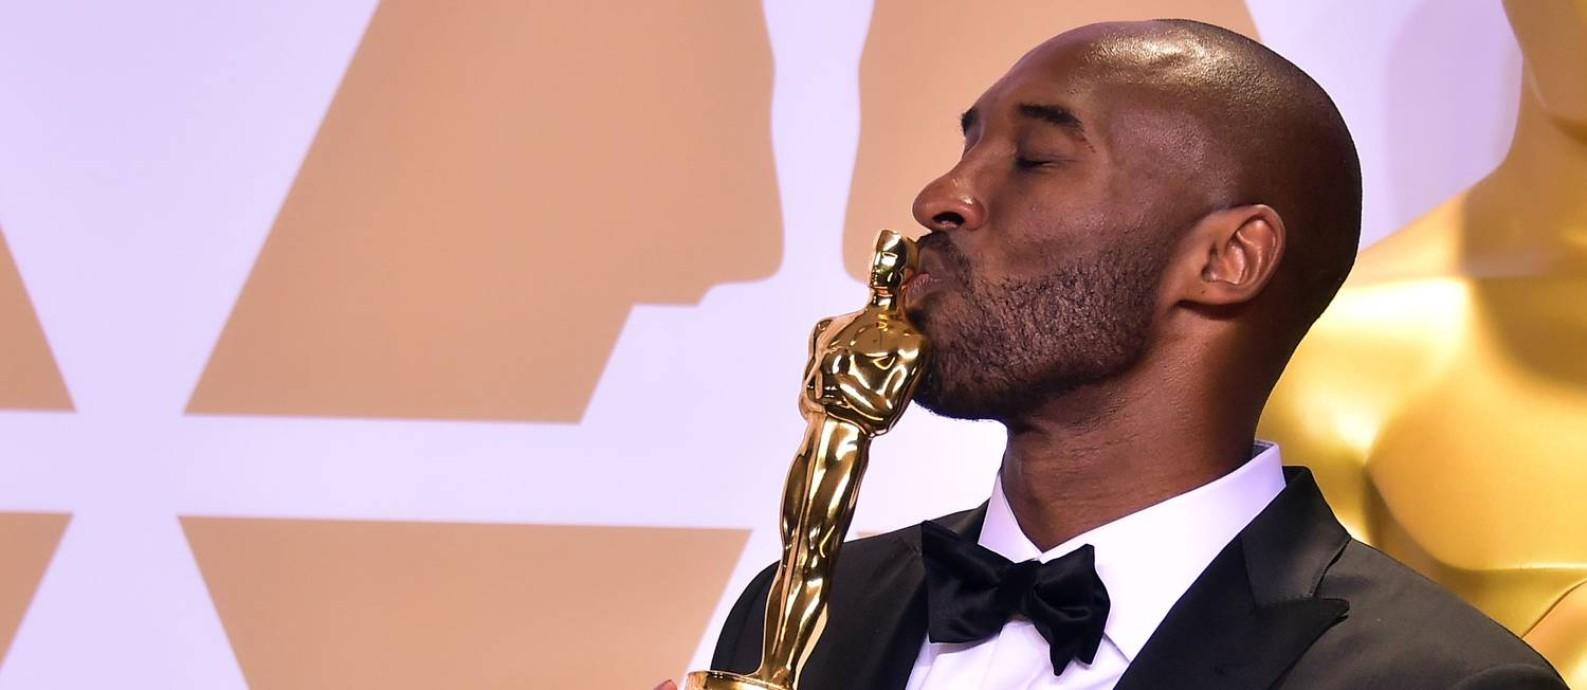 Kobe Bryant beija sua estatueta do Oscar, conquistada graças ao curta 'Dear basketball' Foto: FREDERIC J. BROWN / AFP